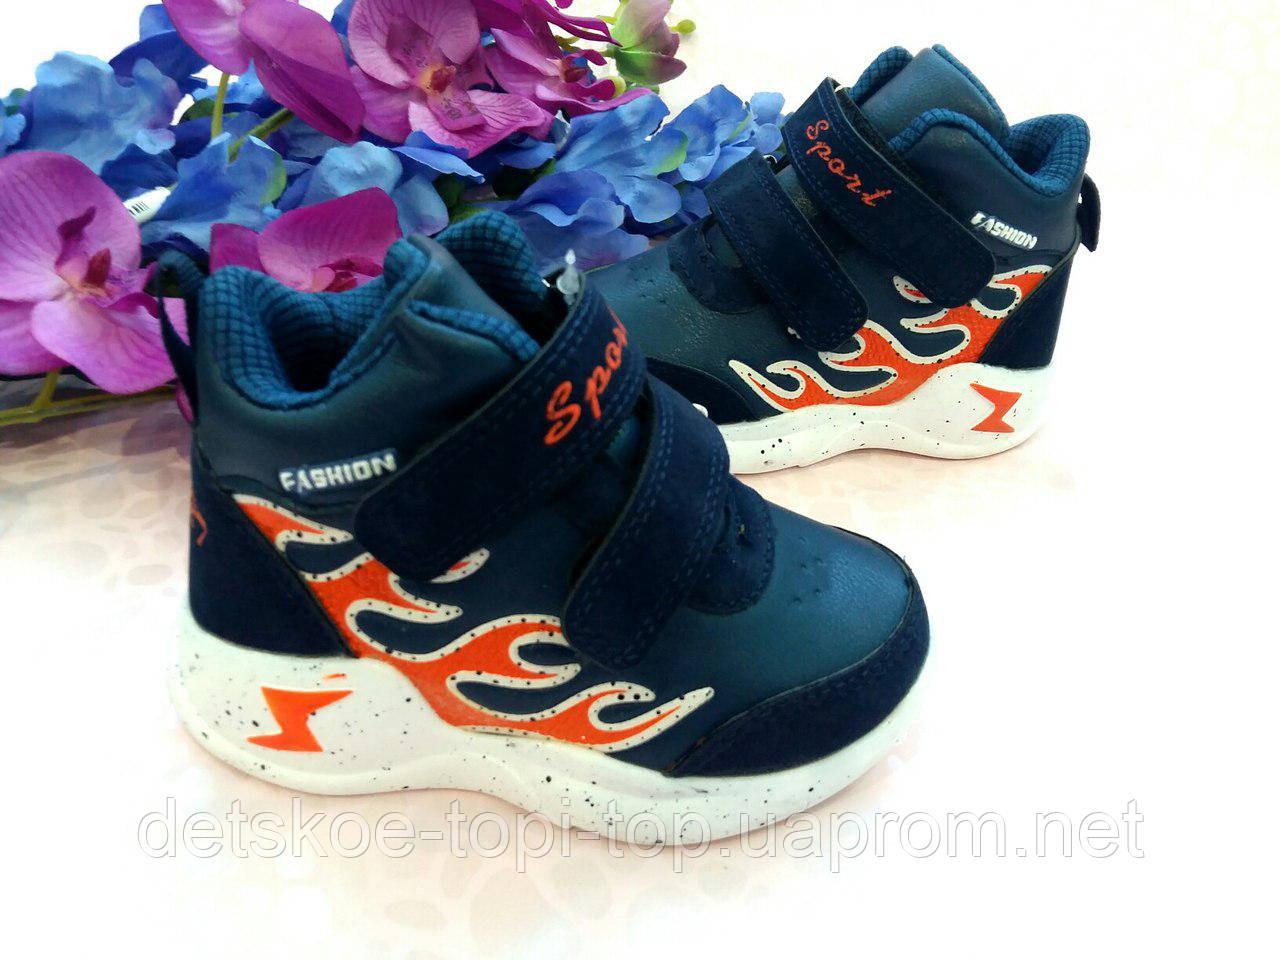 Детские кроссовки, ботинки для мальчика